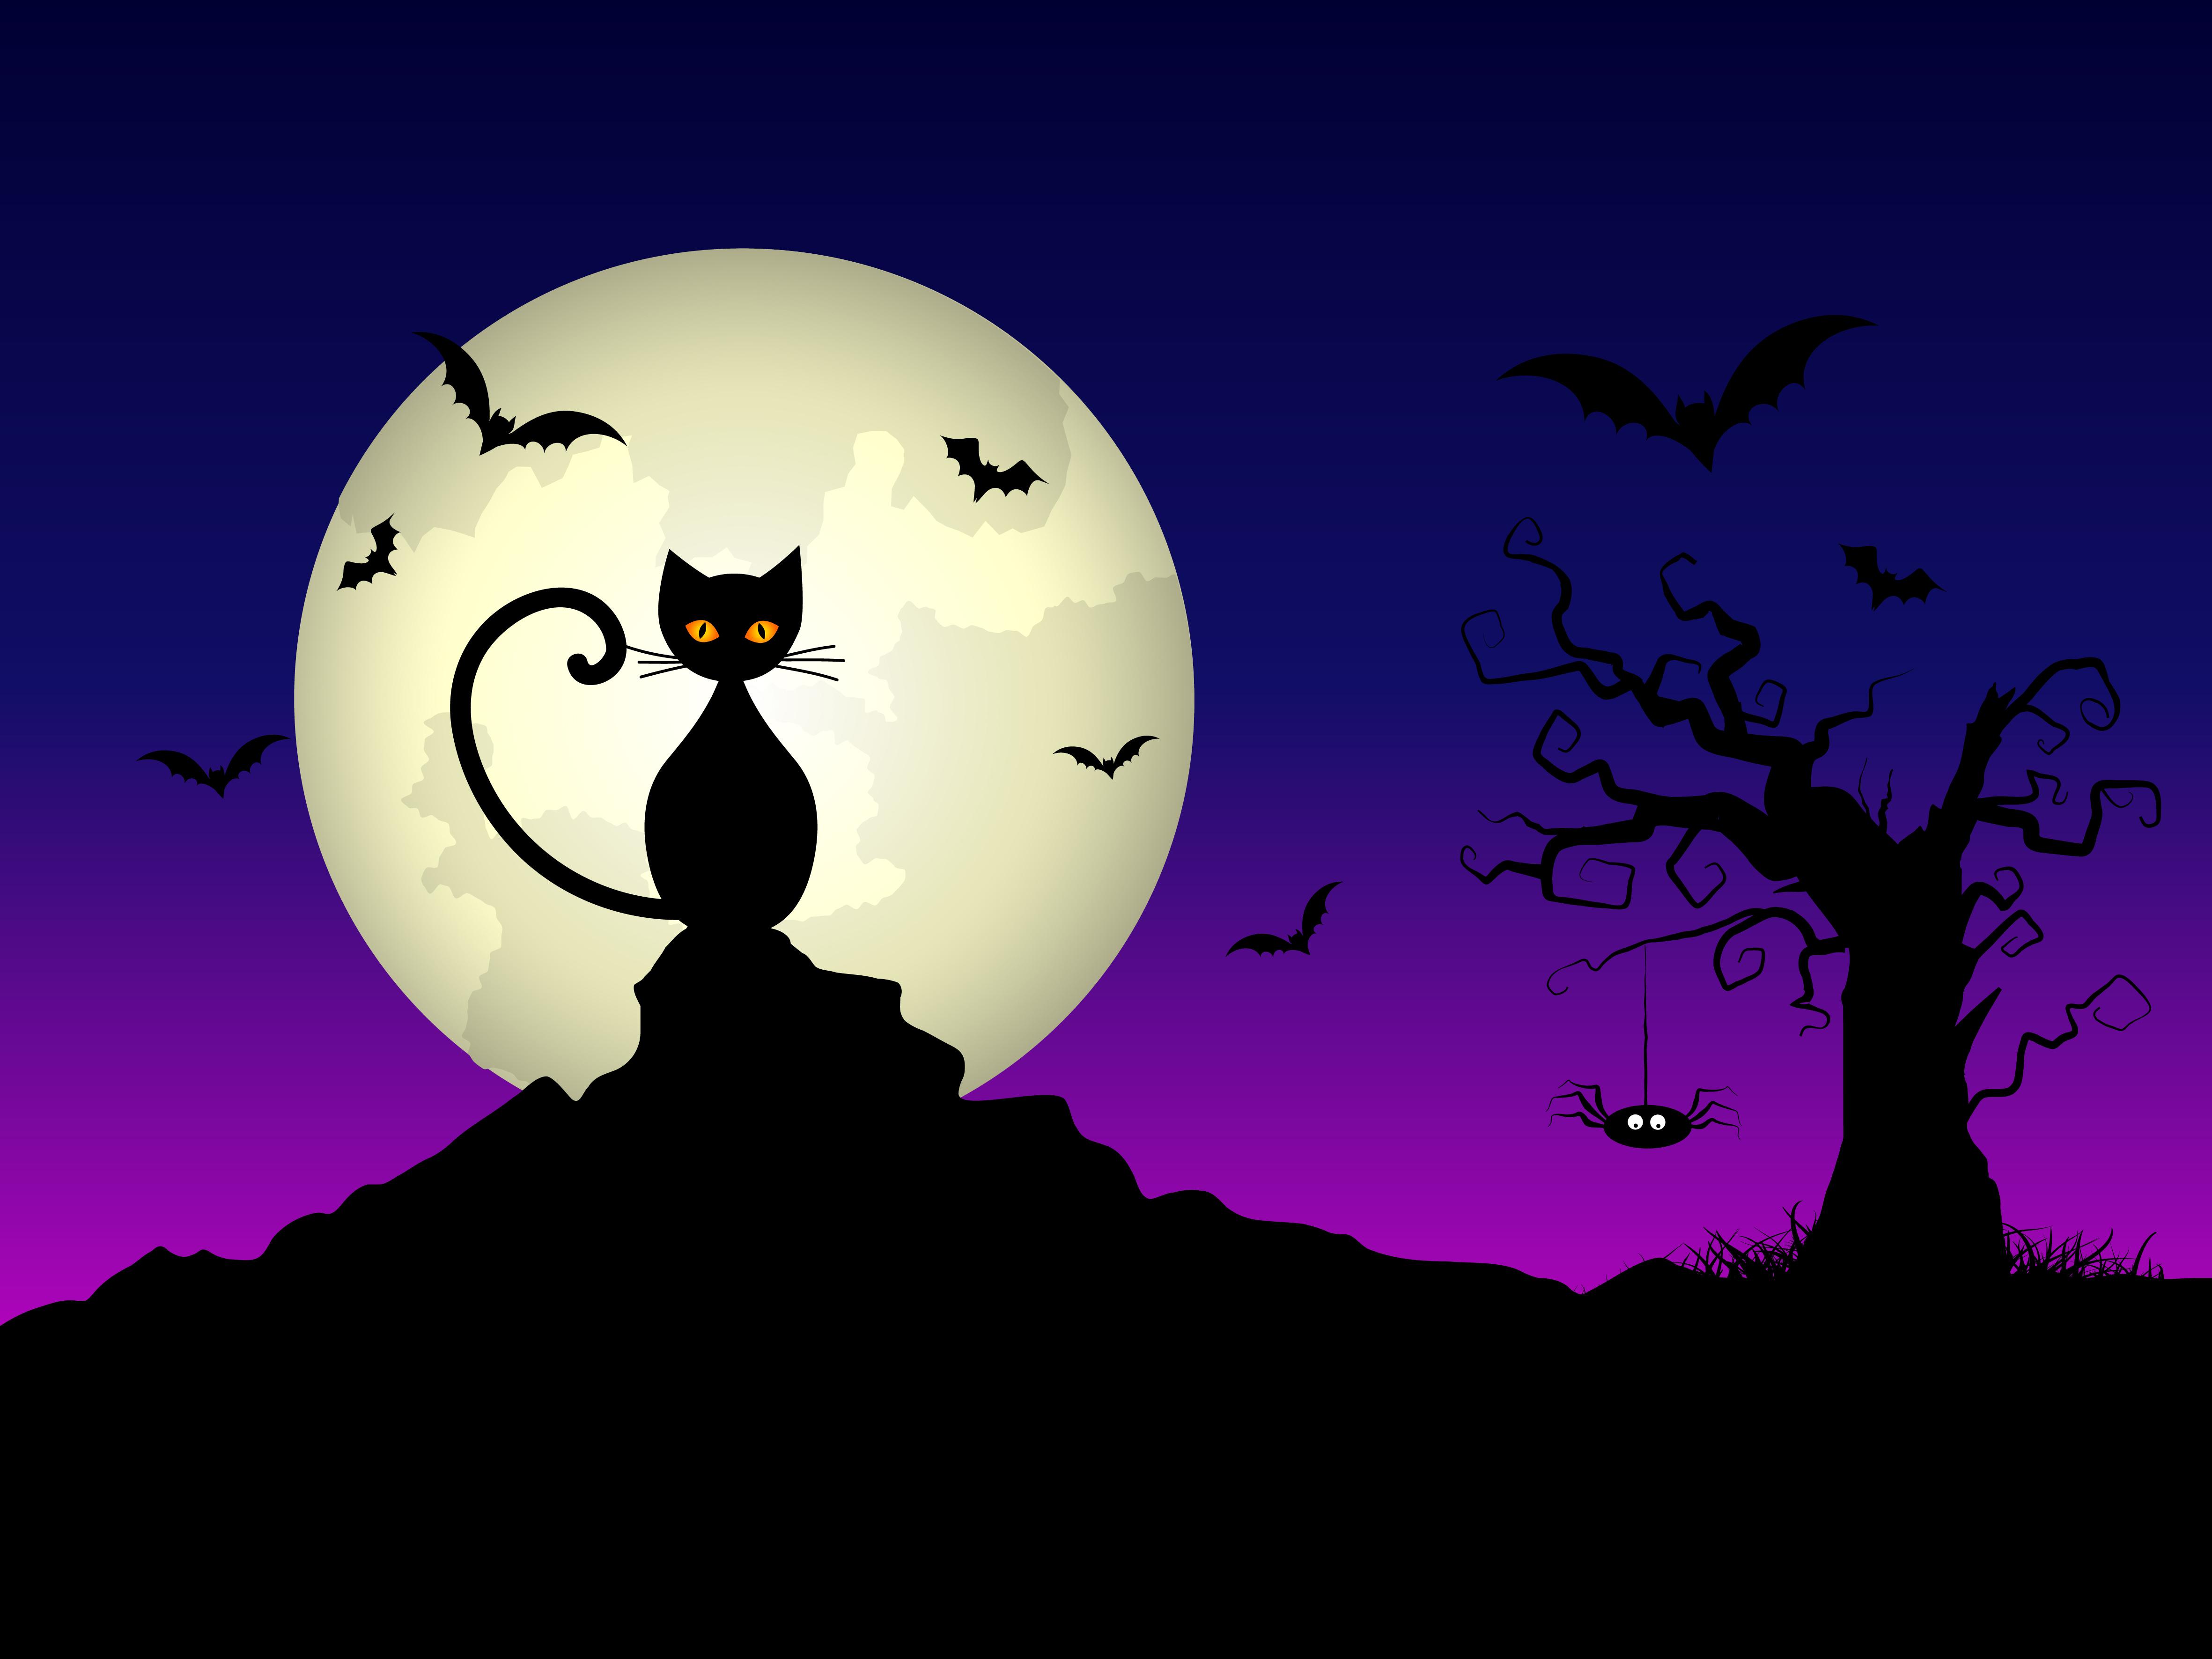 Halloween night background - Download Free Vectors ...